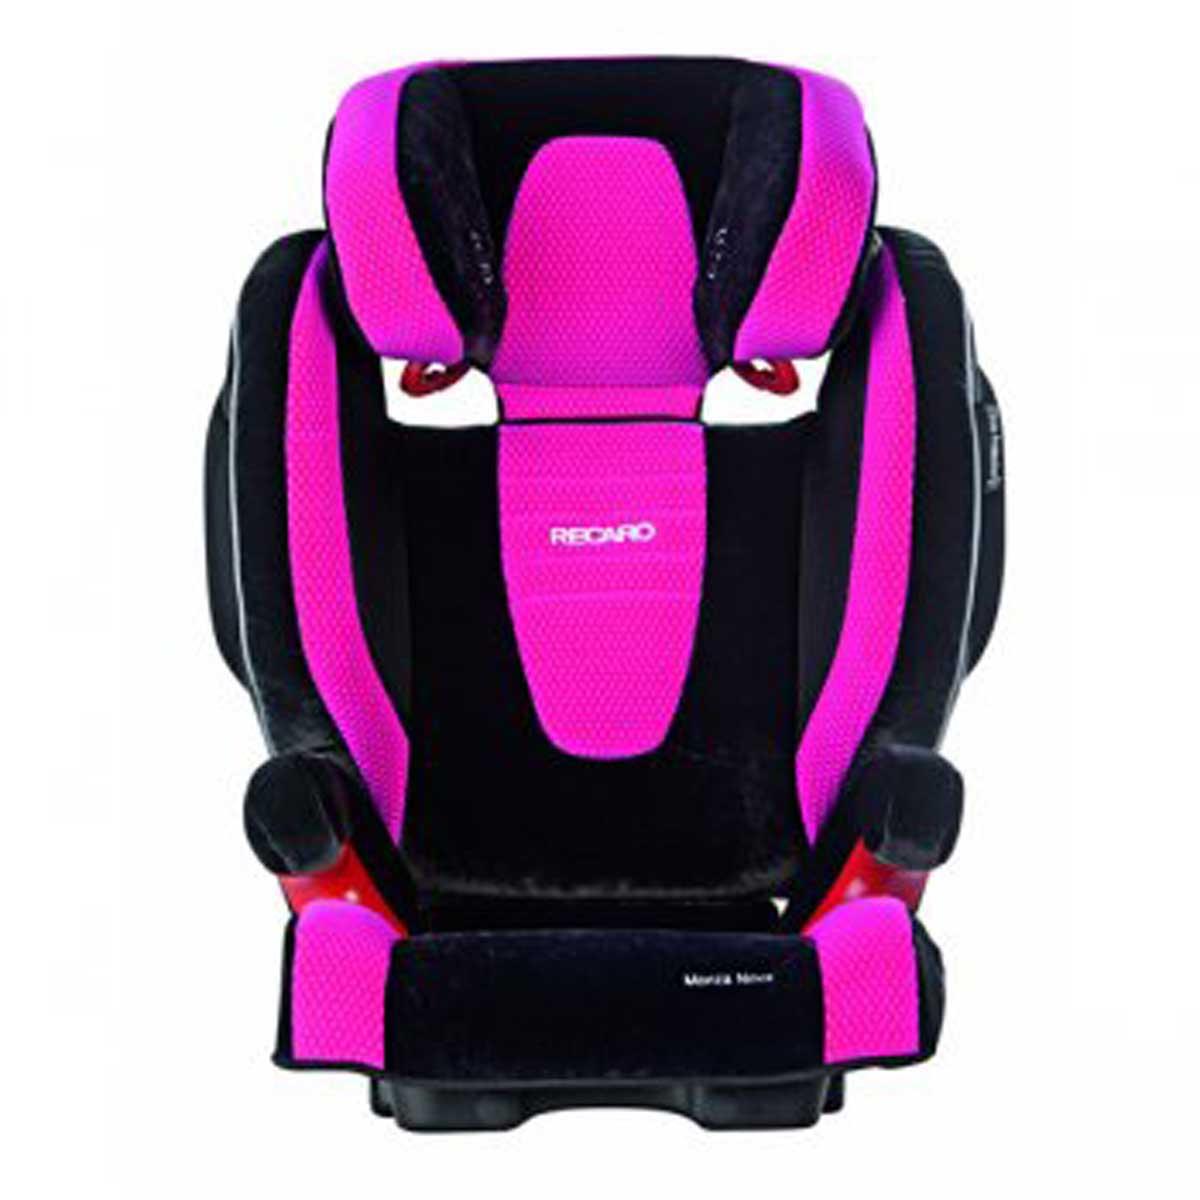 Babymoov Kompakte Sitzerhöhung Für Jeden Stuhl Geeignet